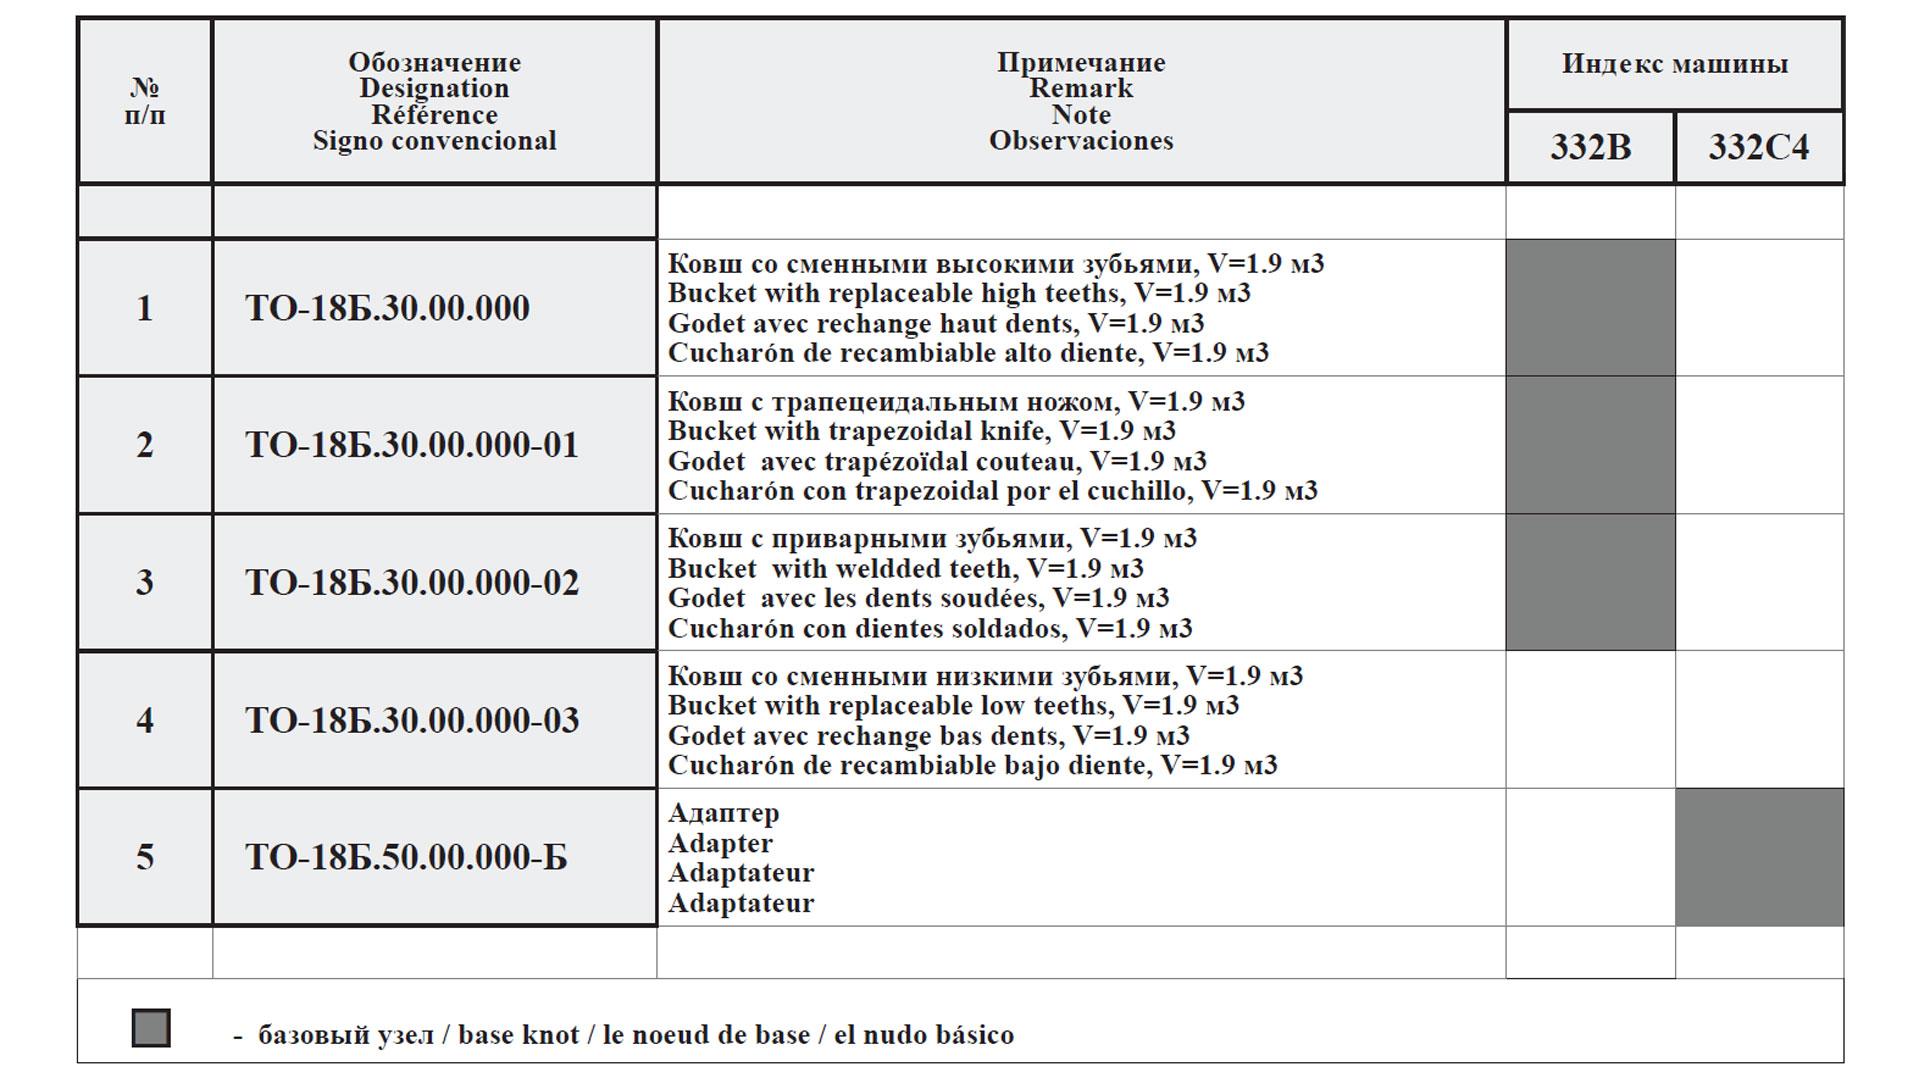 Рабочие органы для машин грузоподъемностью 3.4 т с гидротормозами